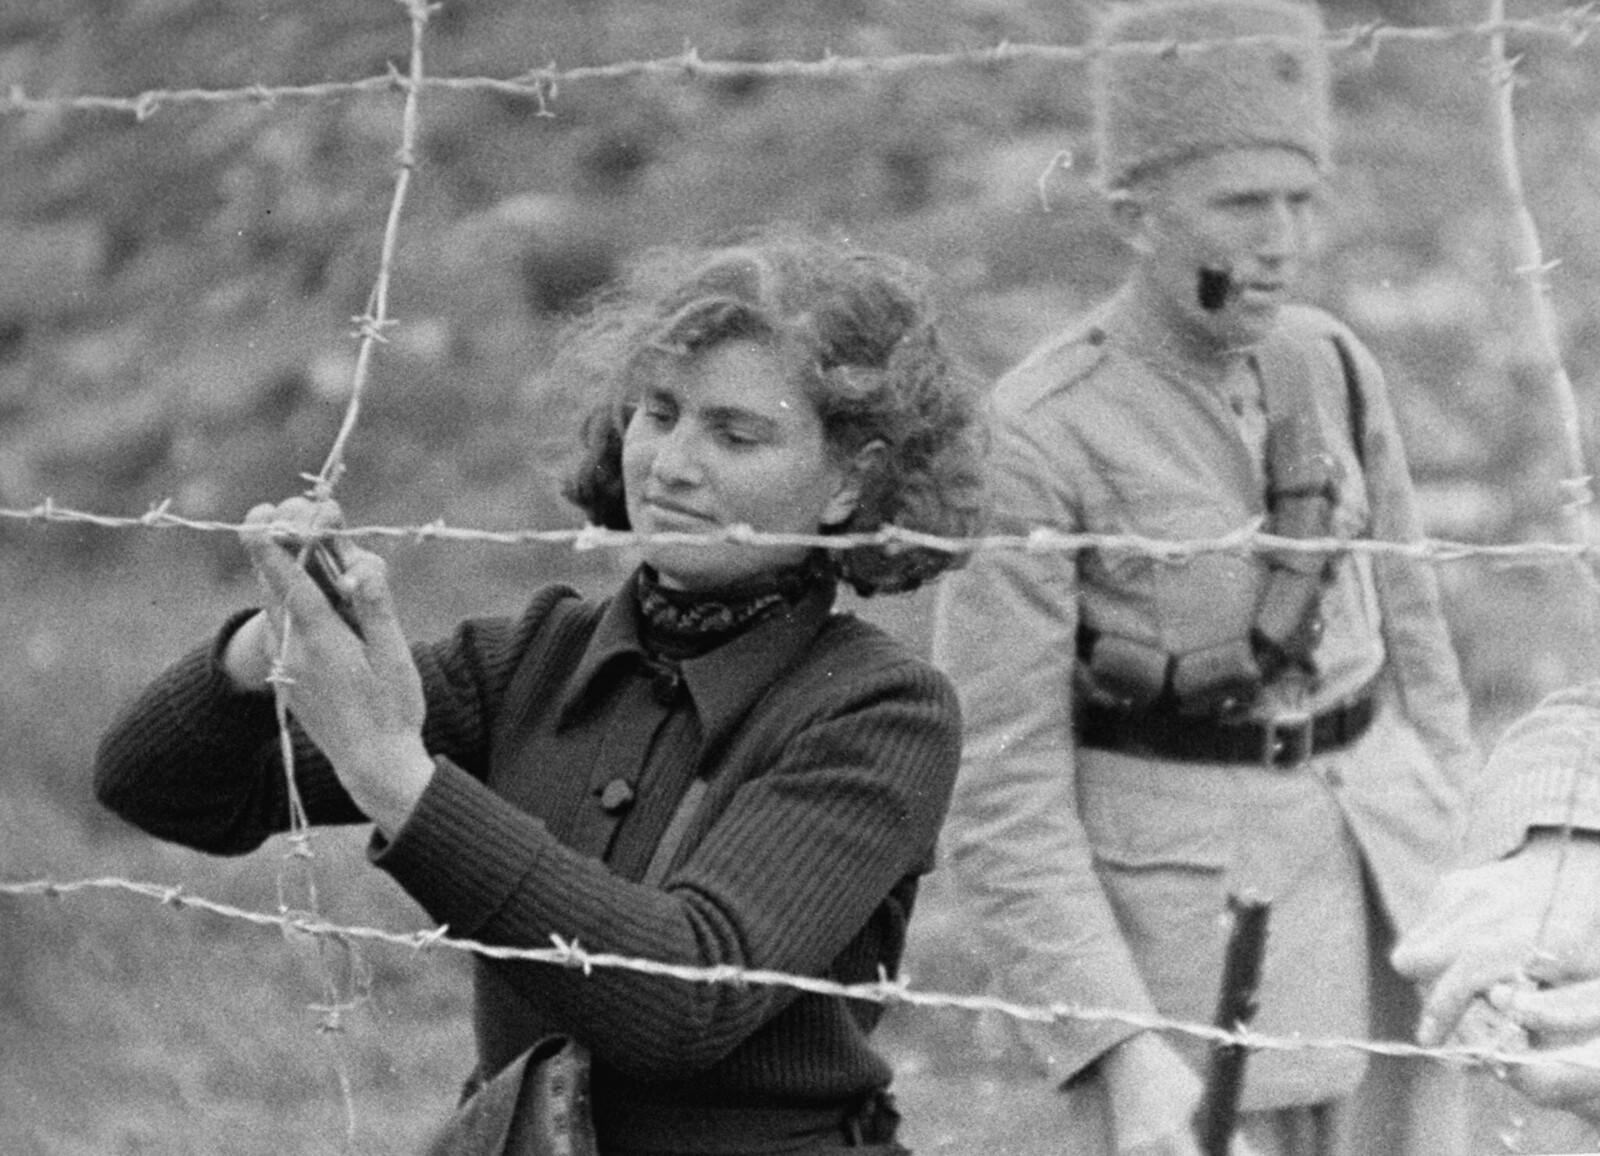 27. Еврейские поселенцы возводят ограждения для защиты от нападений арабскх мародеров